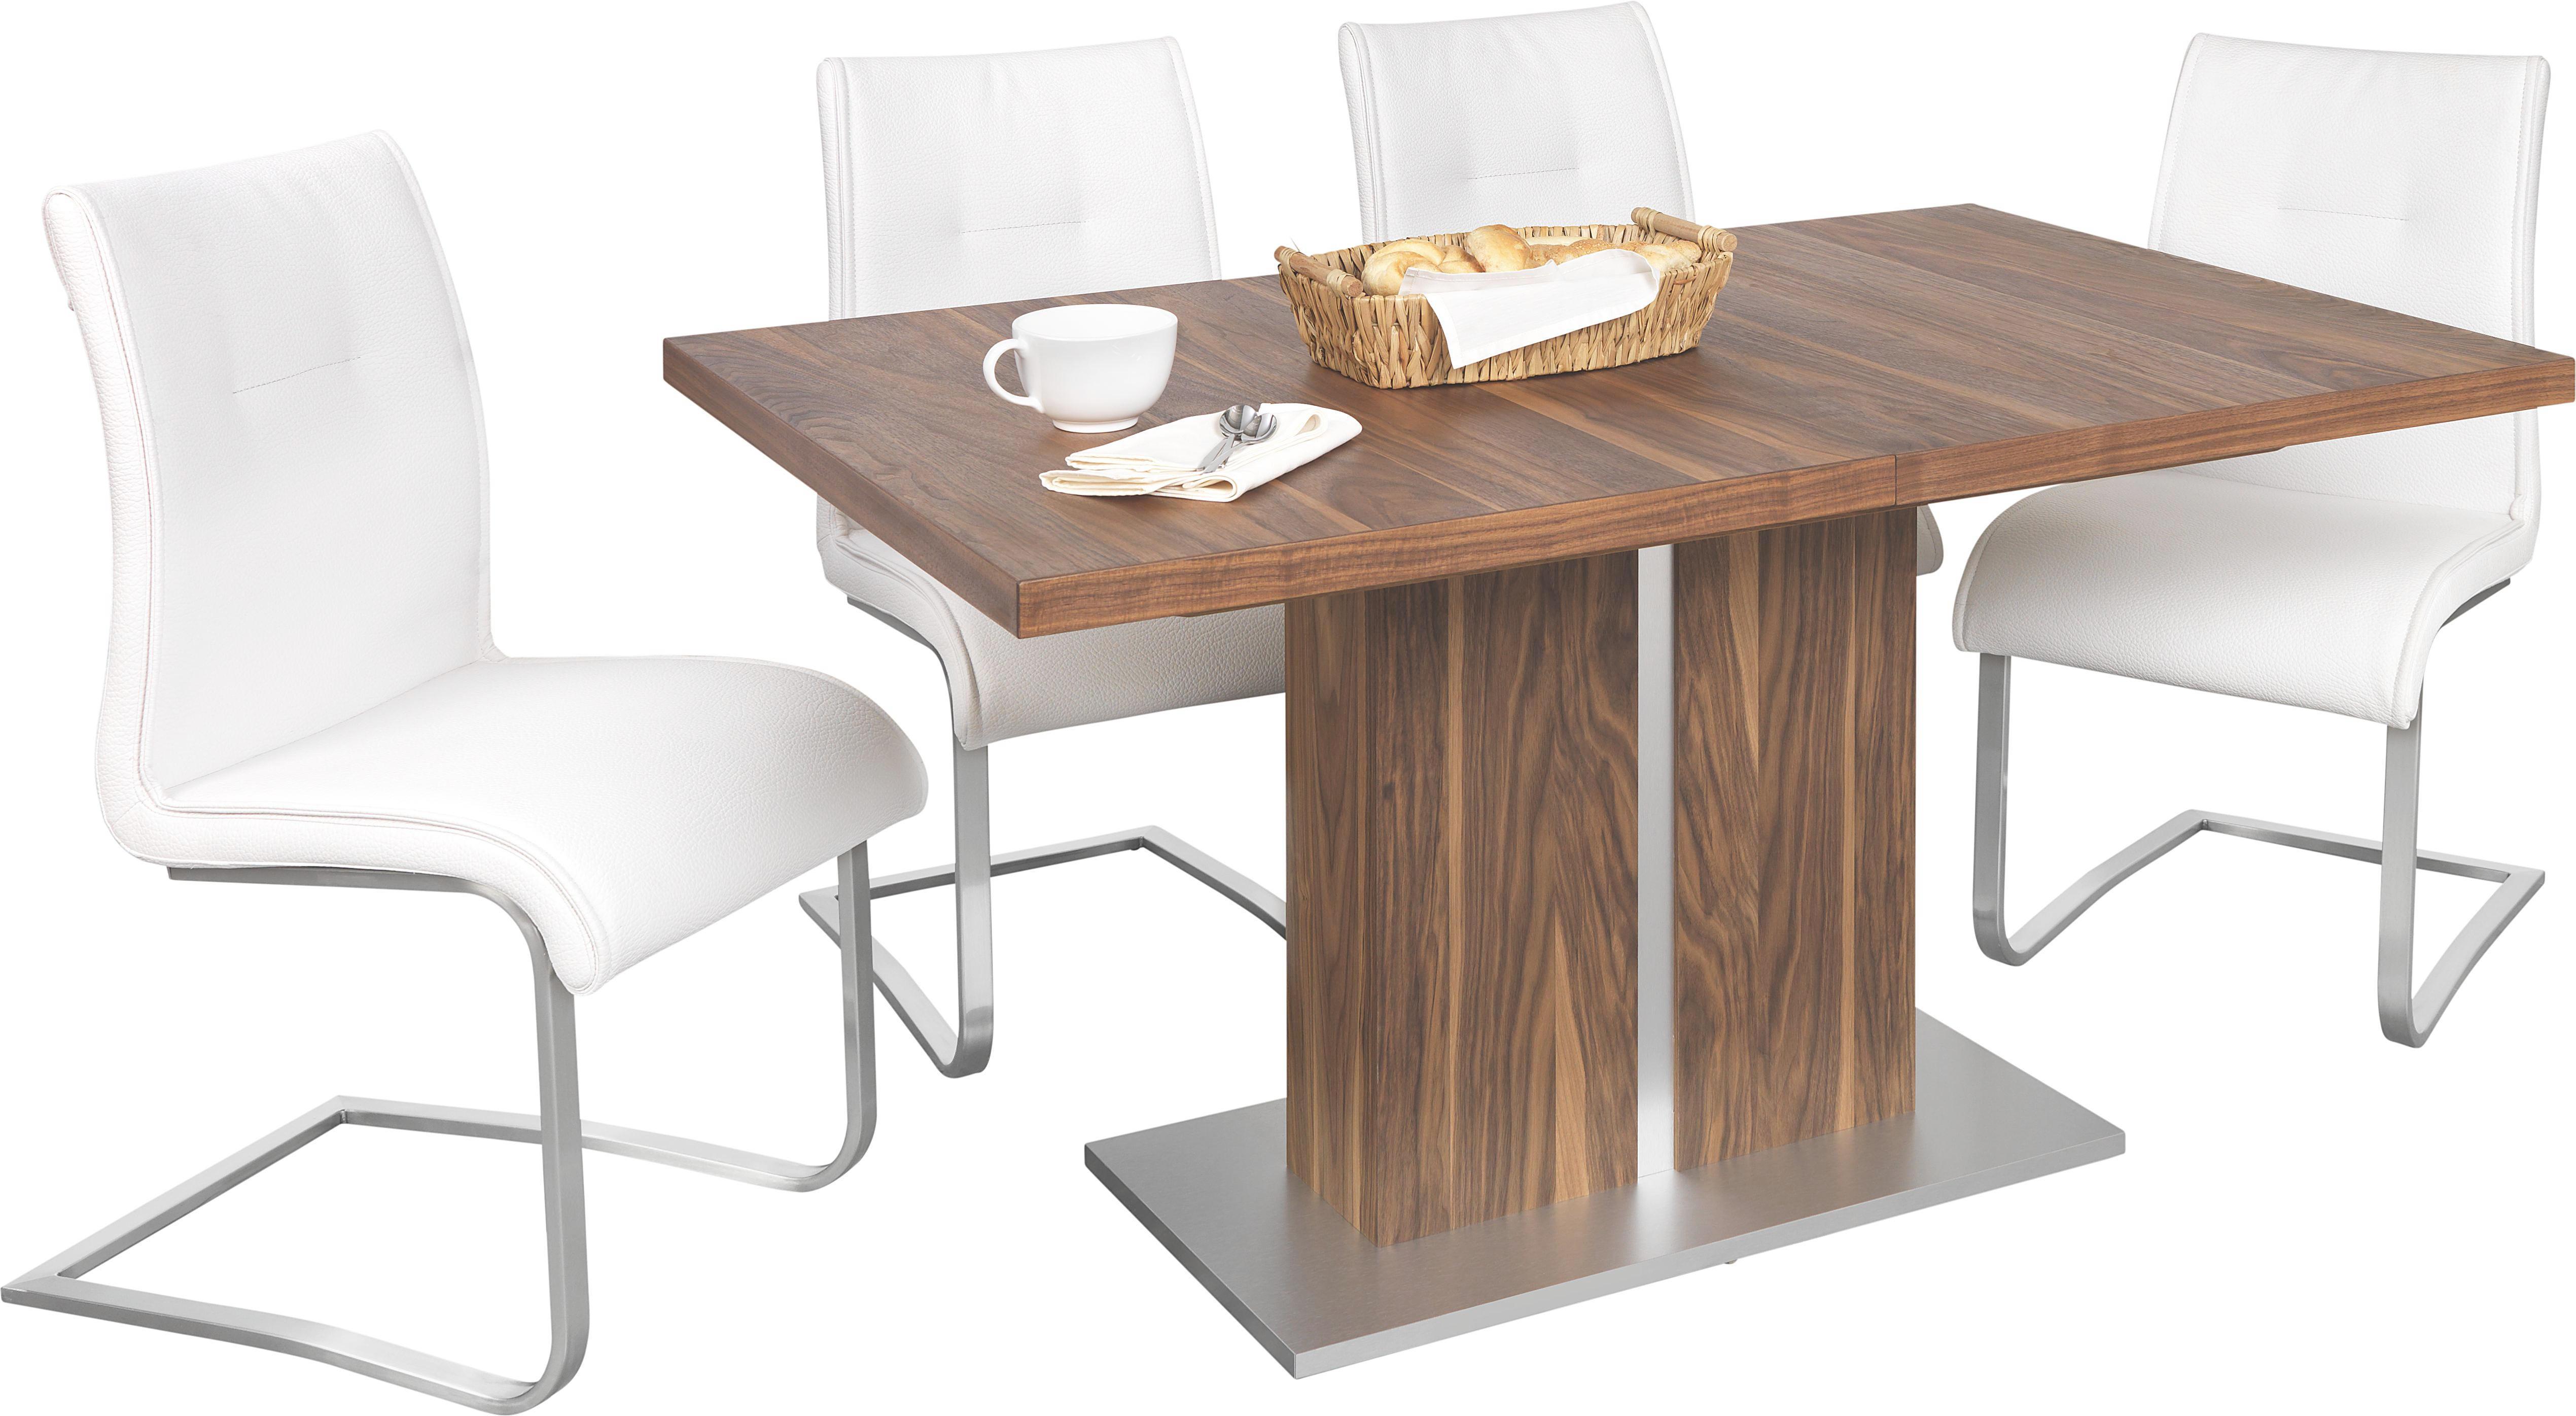 ESSTISCH in furniert Nussbaumfarben - Nussbaumfarben, Design, Holz (140(180)/90cm) - NOVEL